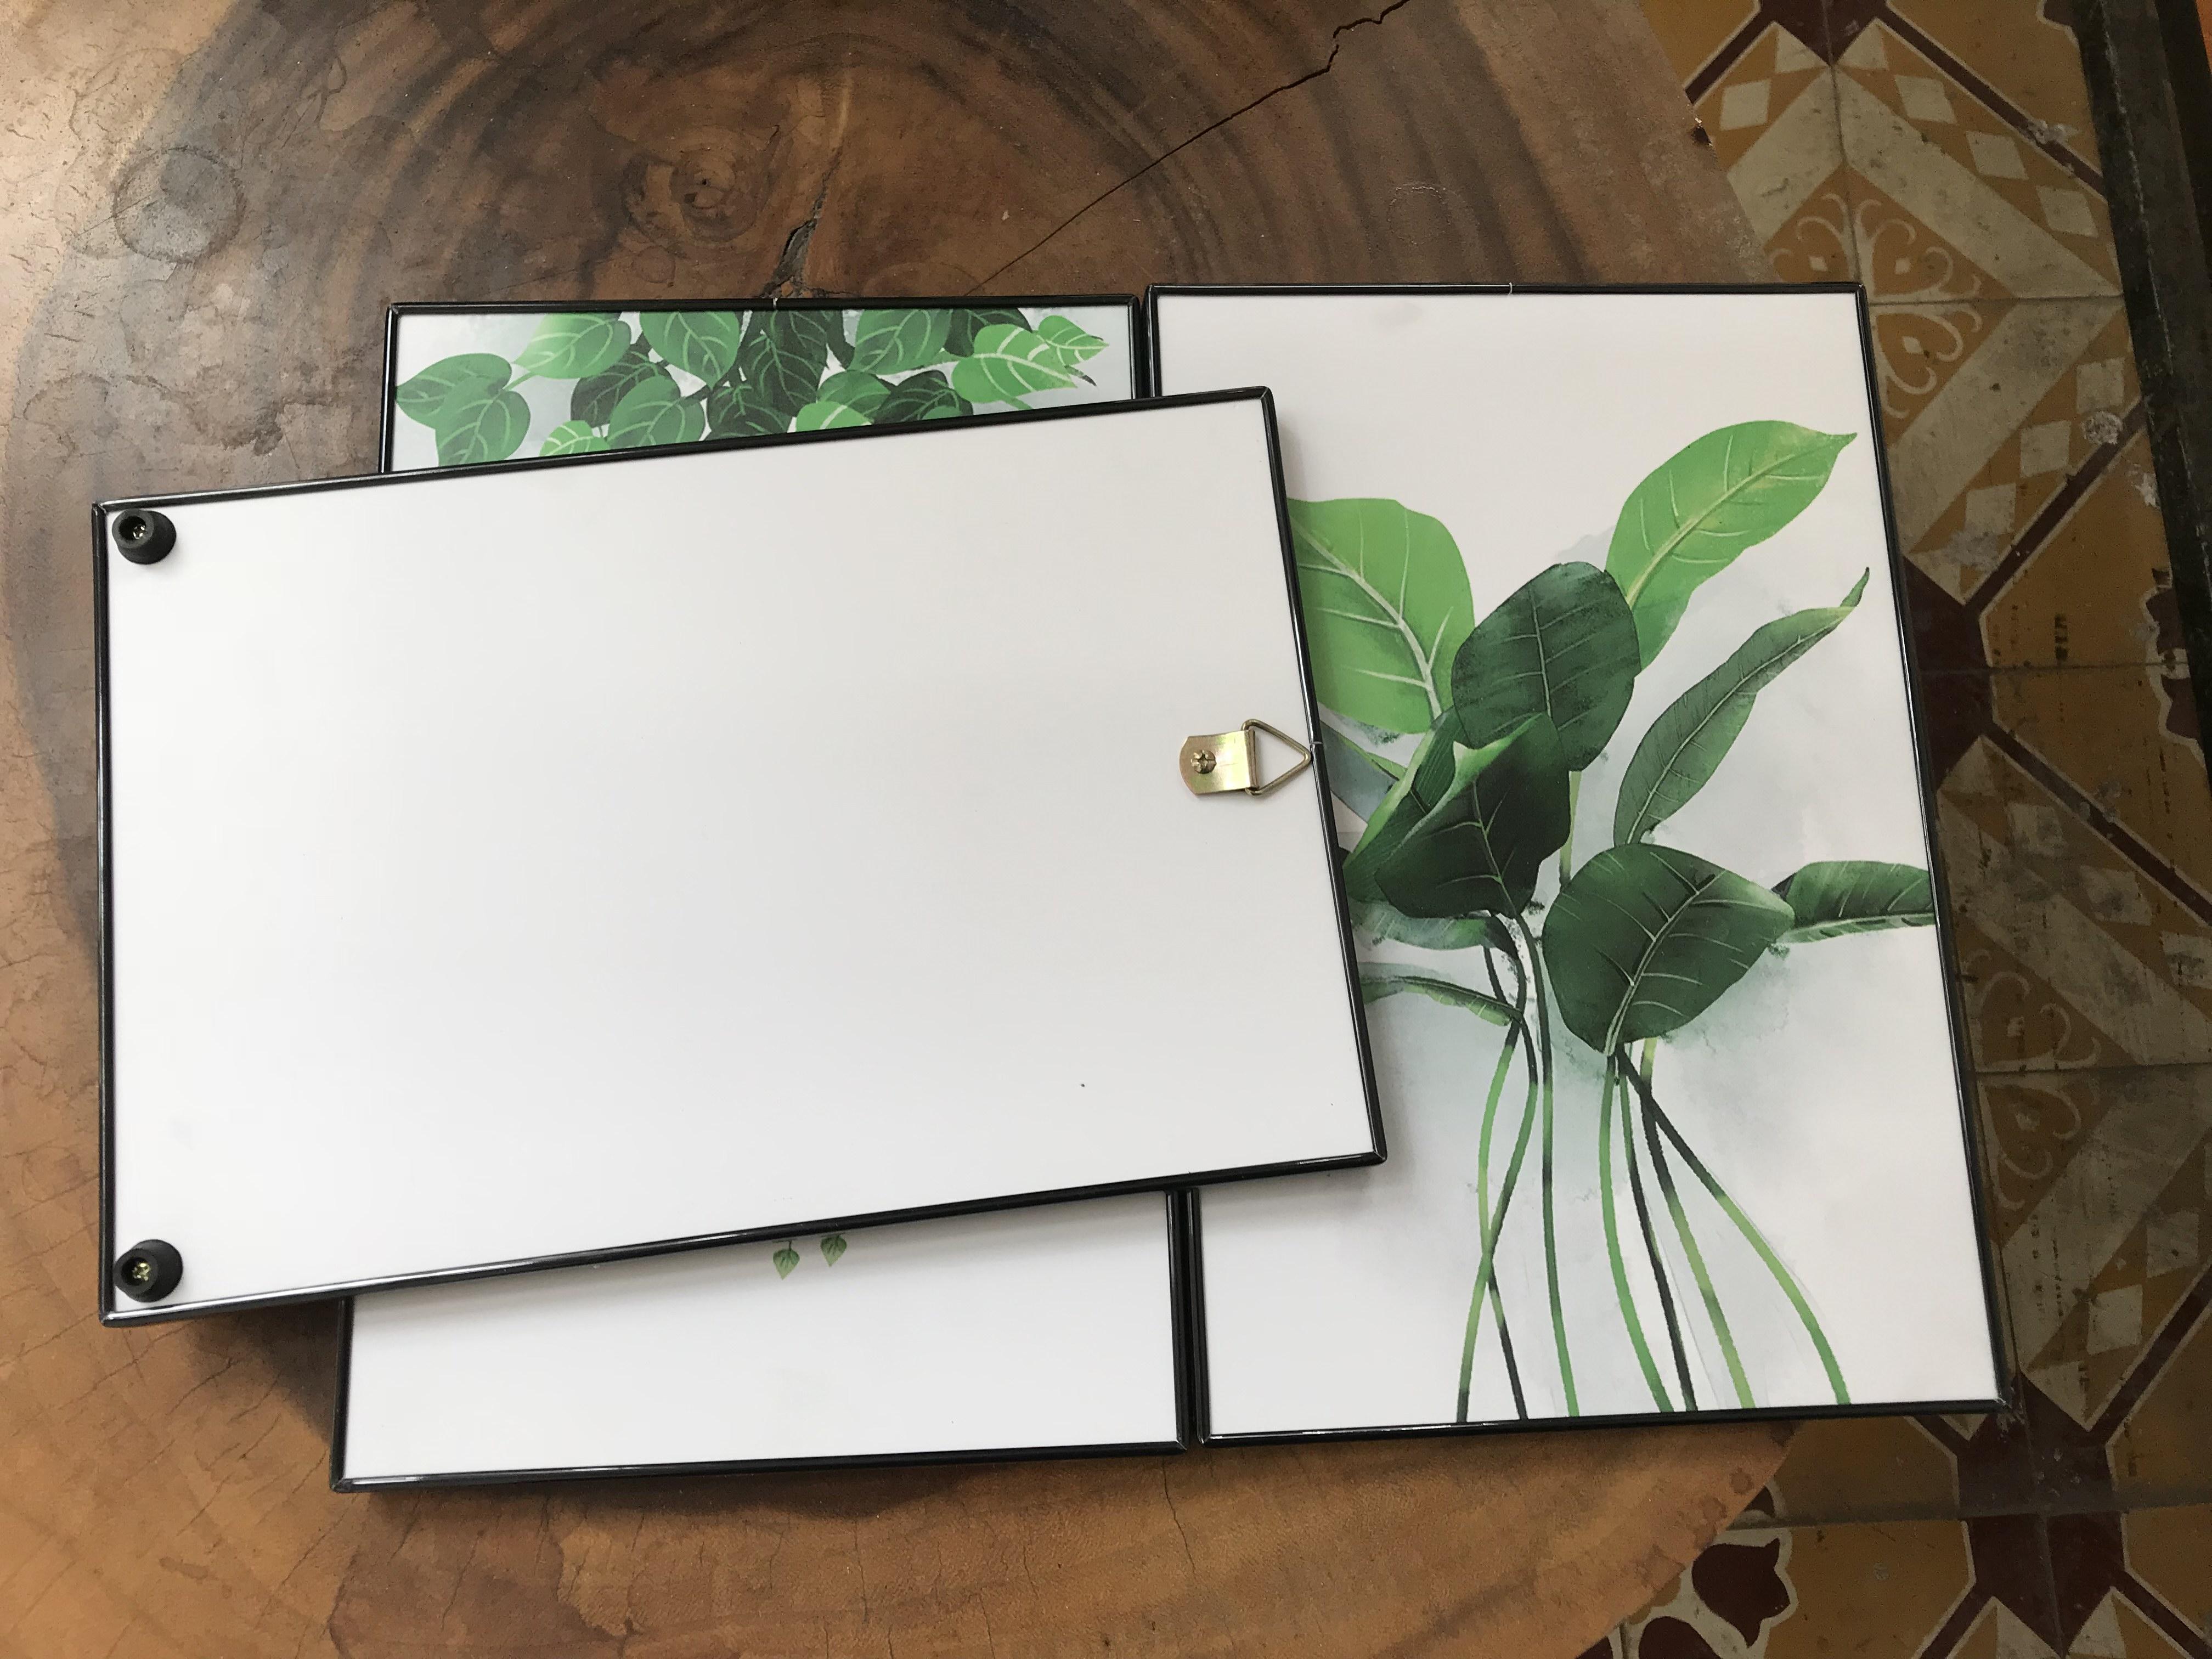 Tranh treo tường CAO CẤP 3 bức phong cách hiện đại MONSKY -  Bắc Âu ND01A, In UV công nghệ Nhật Bản 3 lớp trực tiếp lên tấm FORMEX (Như tấm gỗ nguyên khối) kèm khung và đinh ghim móc treo, kích thước 20x30cm/bức